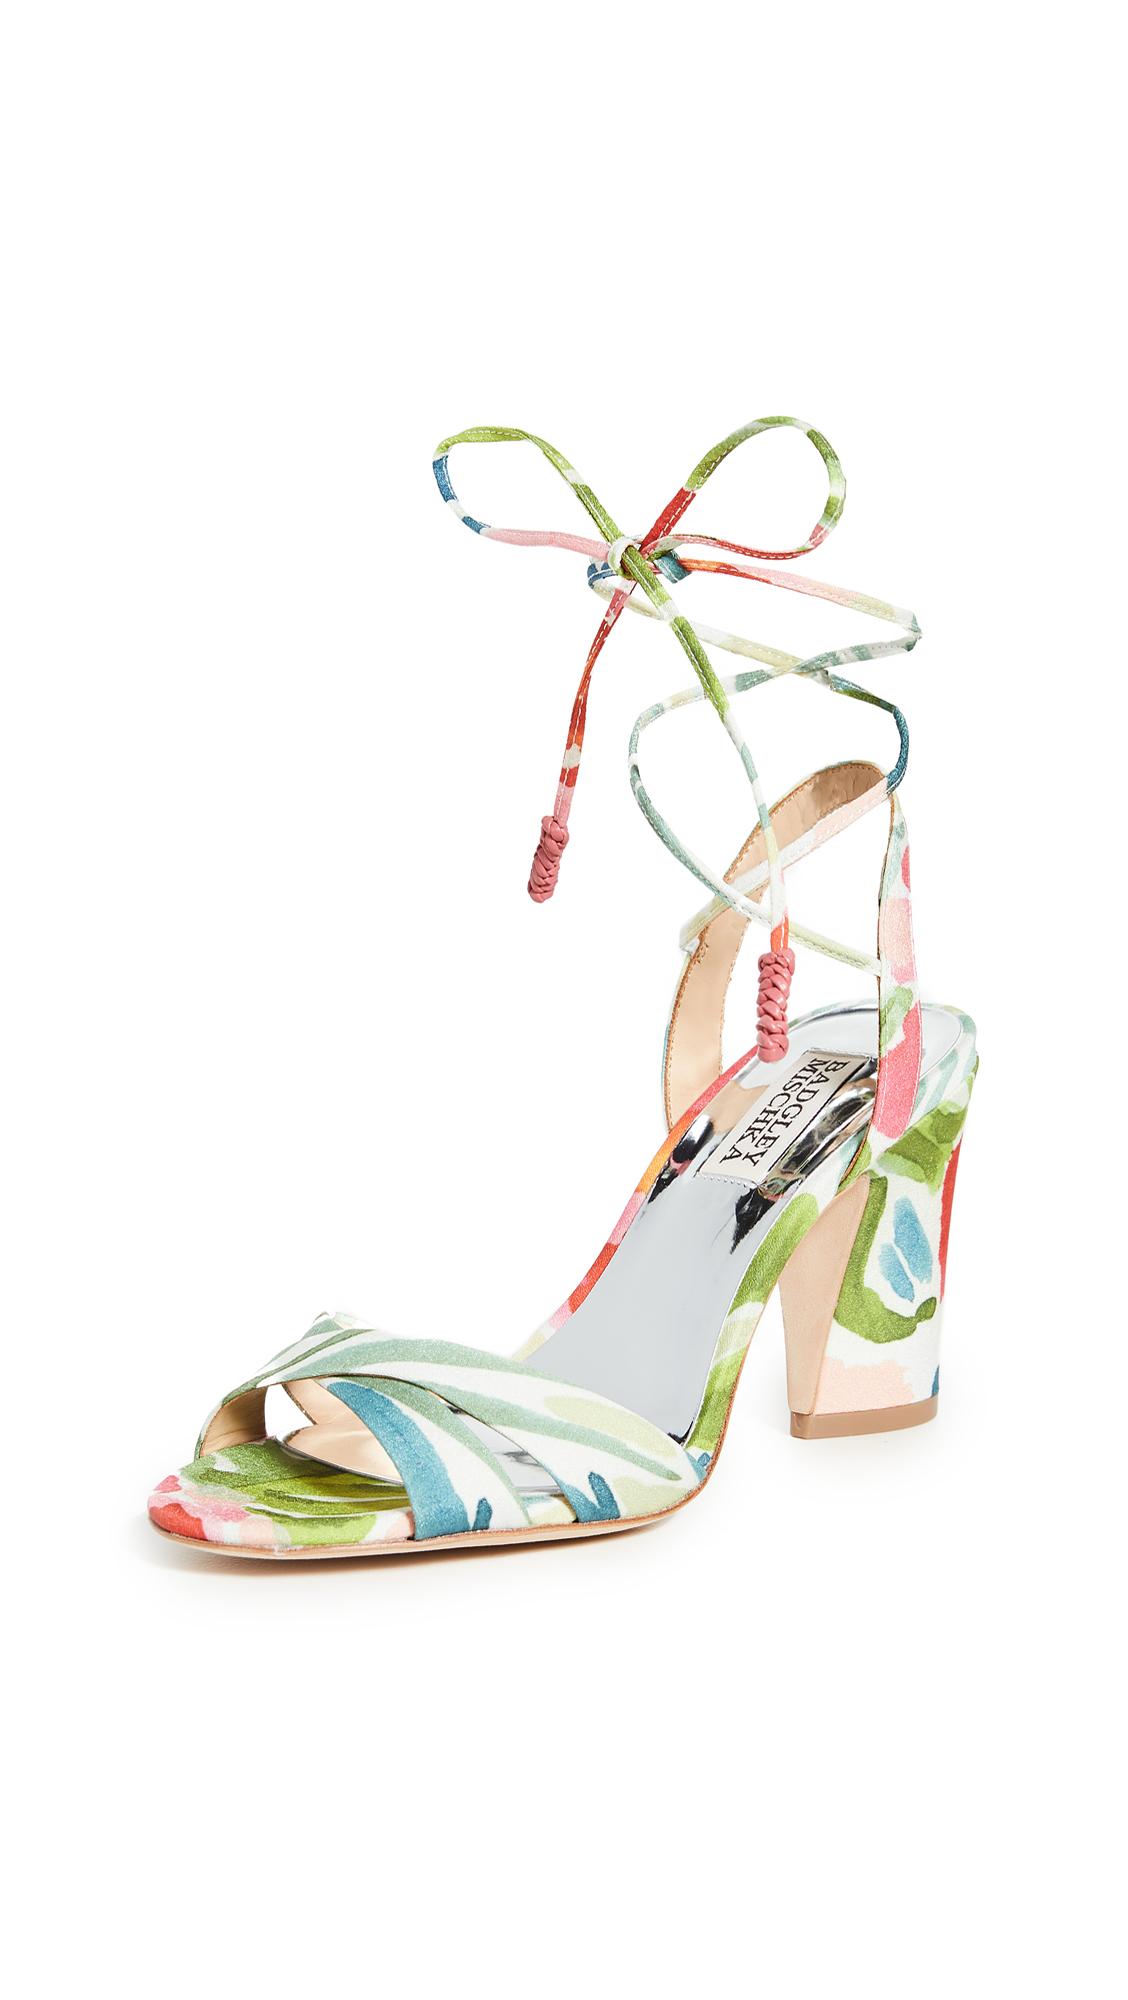 Buy Badgley Mischka Journey Sandals online, shop Badgley Mischka